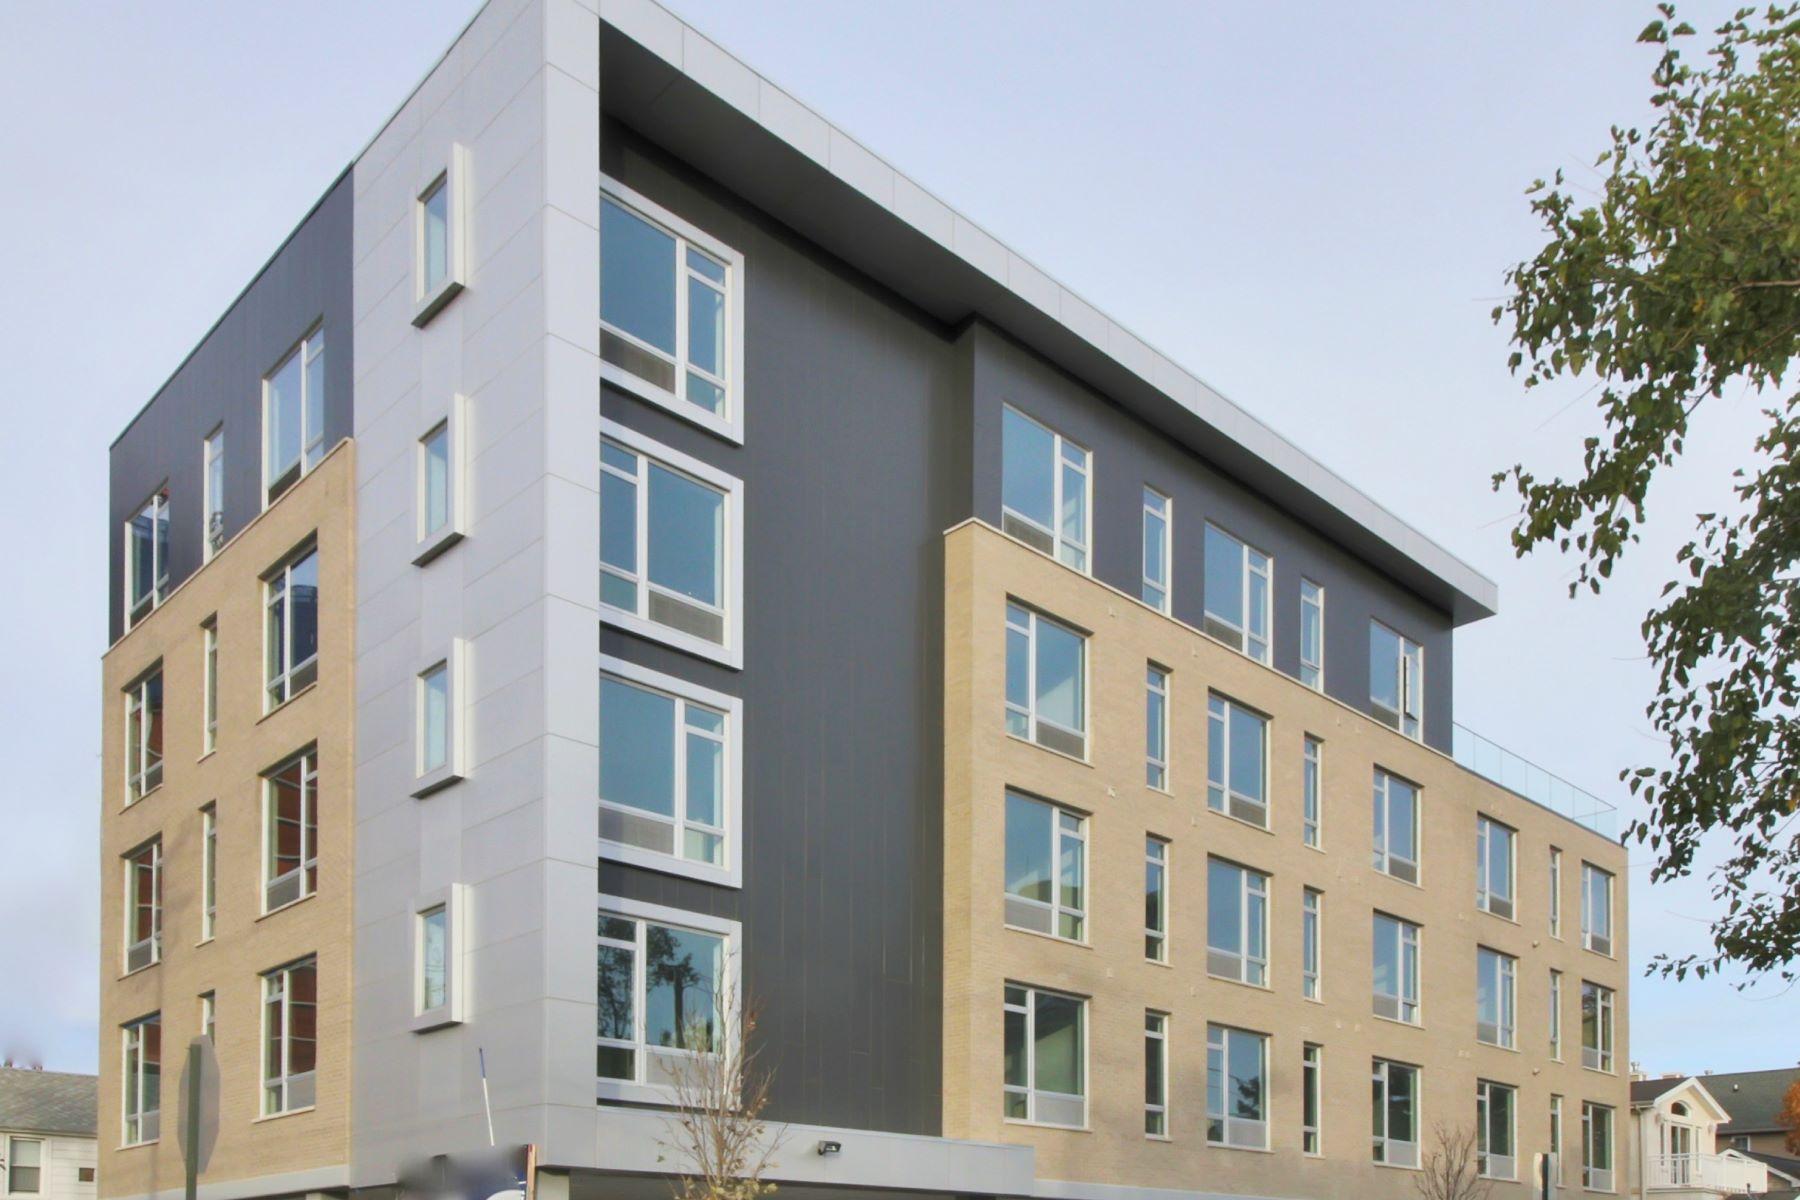 Квартира для того Аренда на The Cosmopolitan 159 Cedar Street #402 Fort Lee, Нью-Джерси 07024 Соединенные Штаты